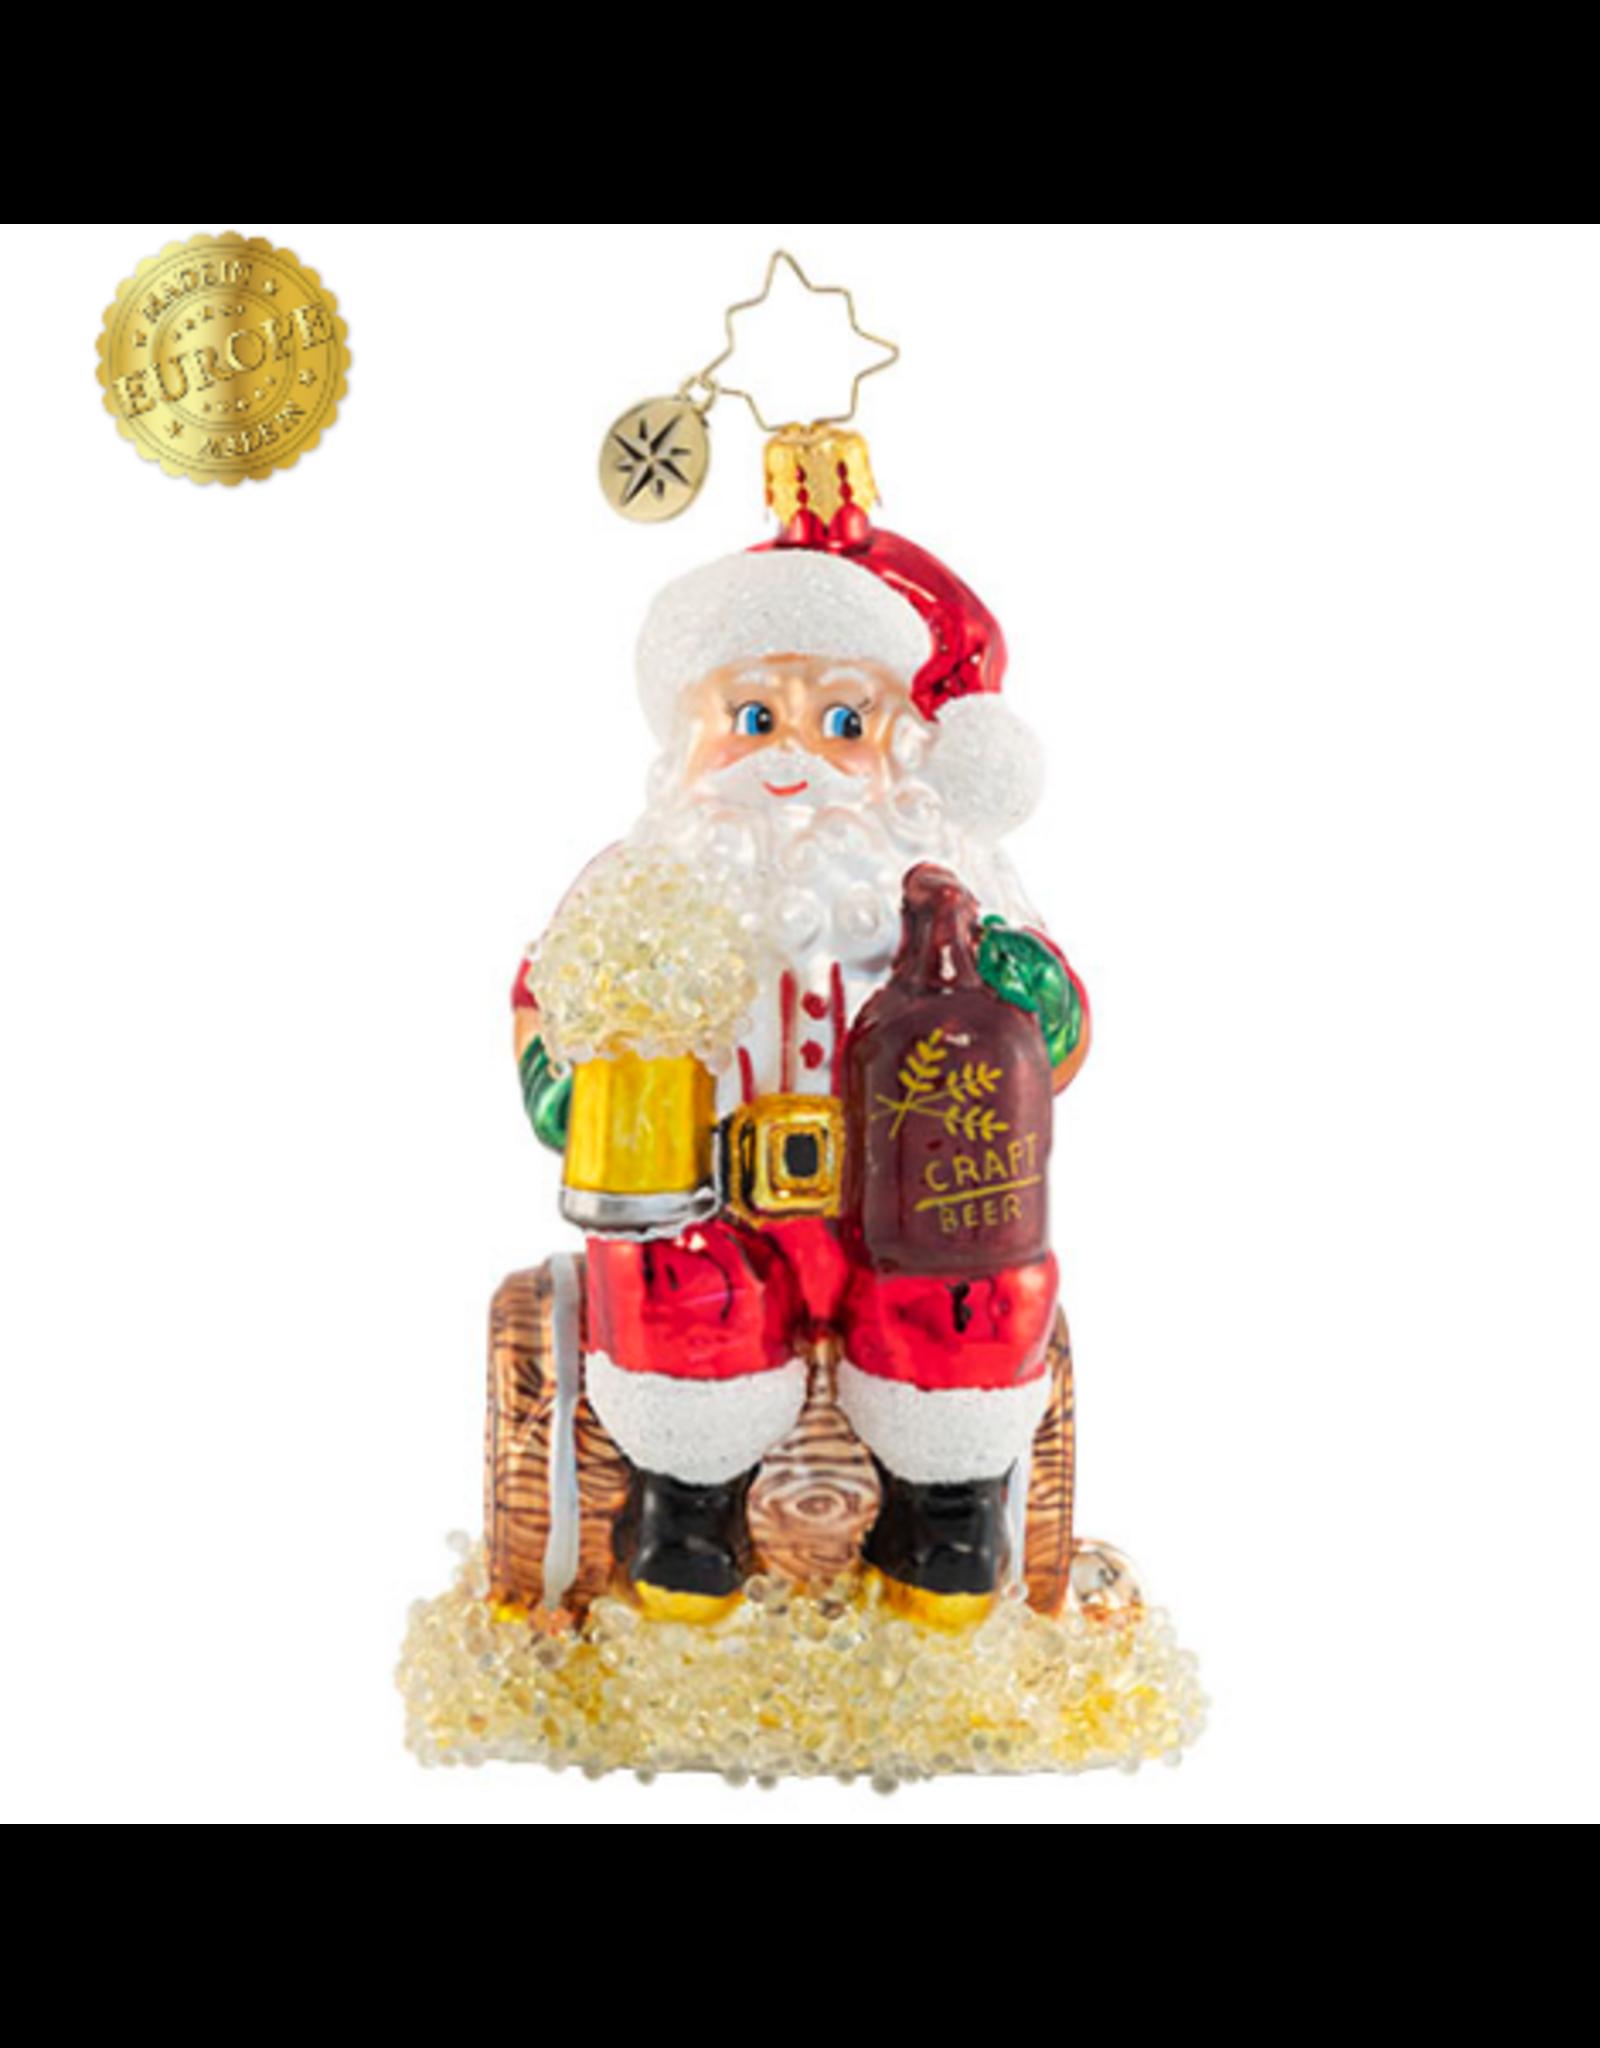 Radko Oktoberfest Cheers! Santa